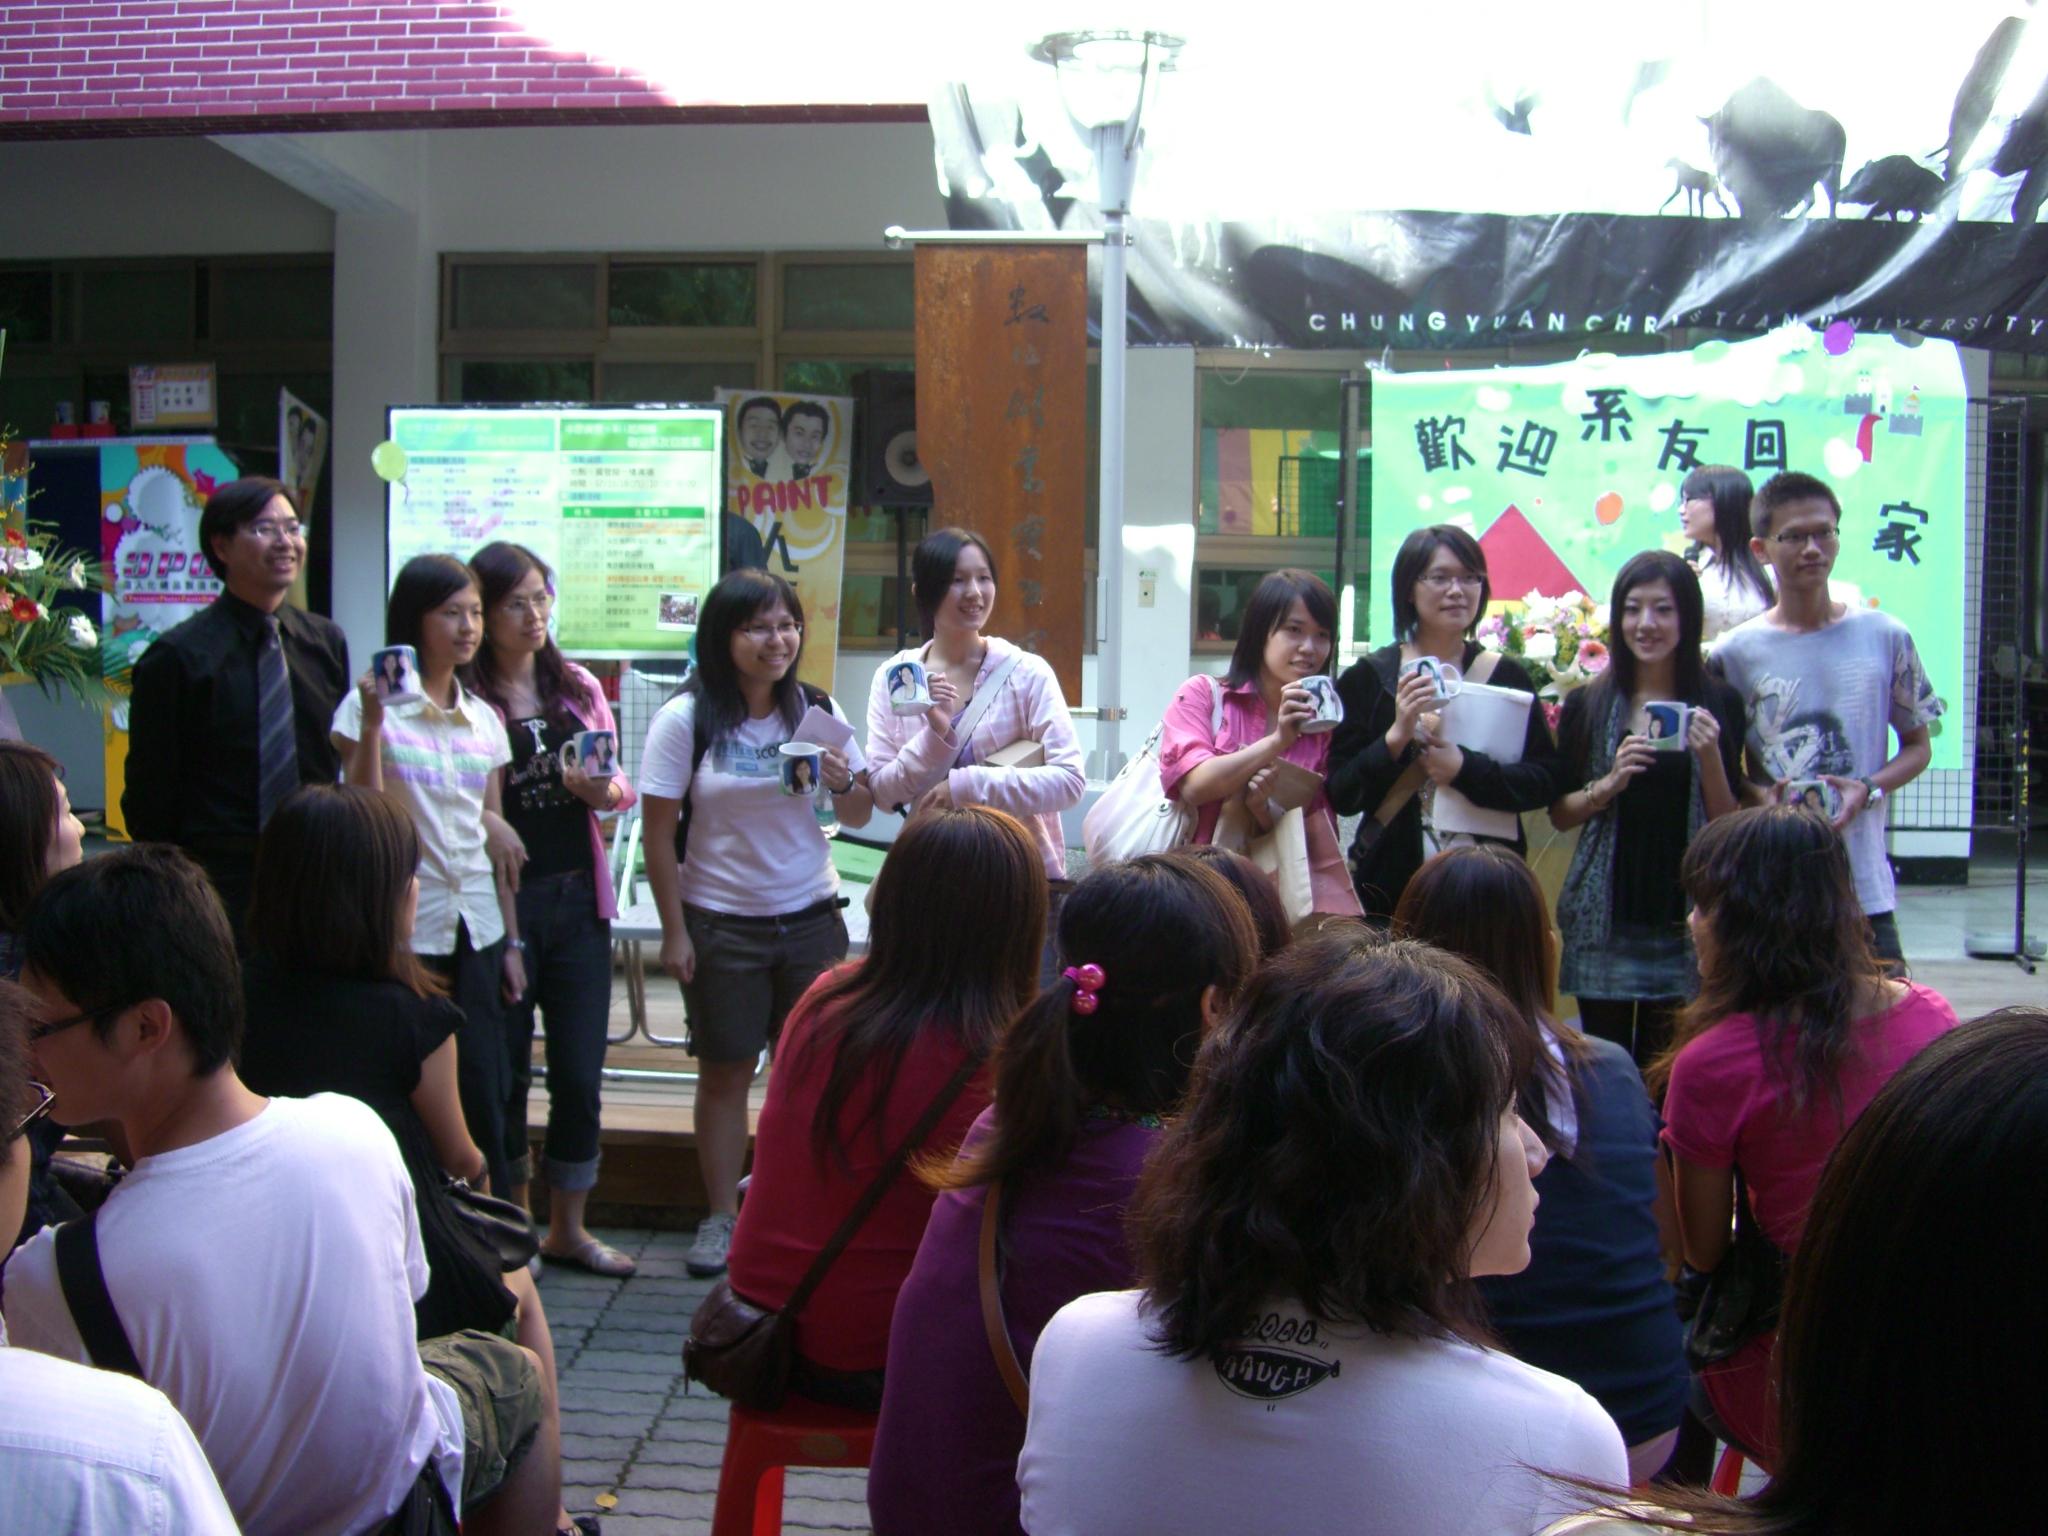 慶祝53週年校慶 中原大學舉辦校慶運動會暨「校友日」活動